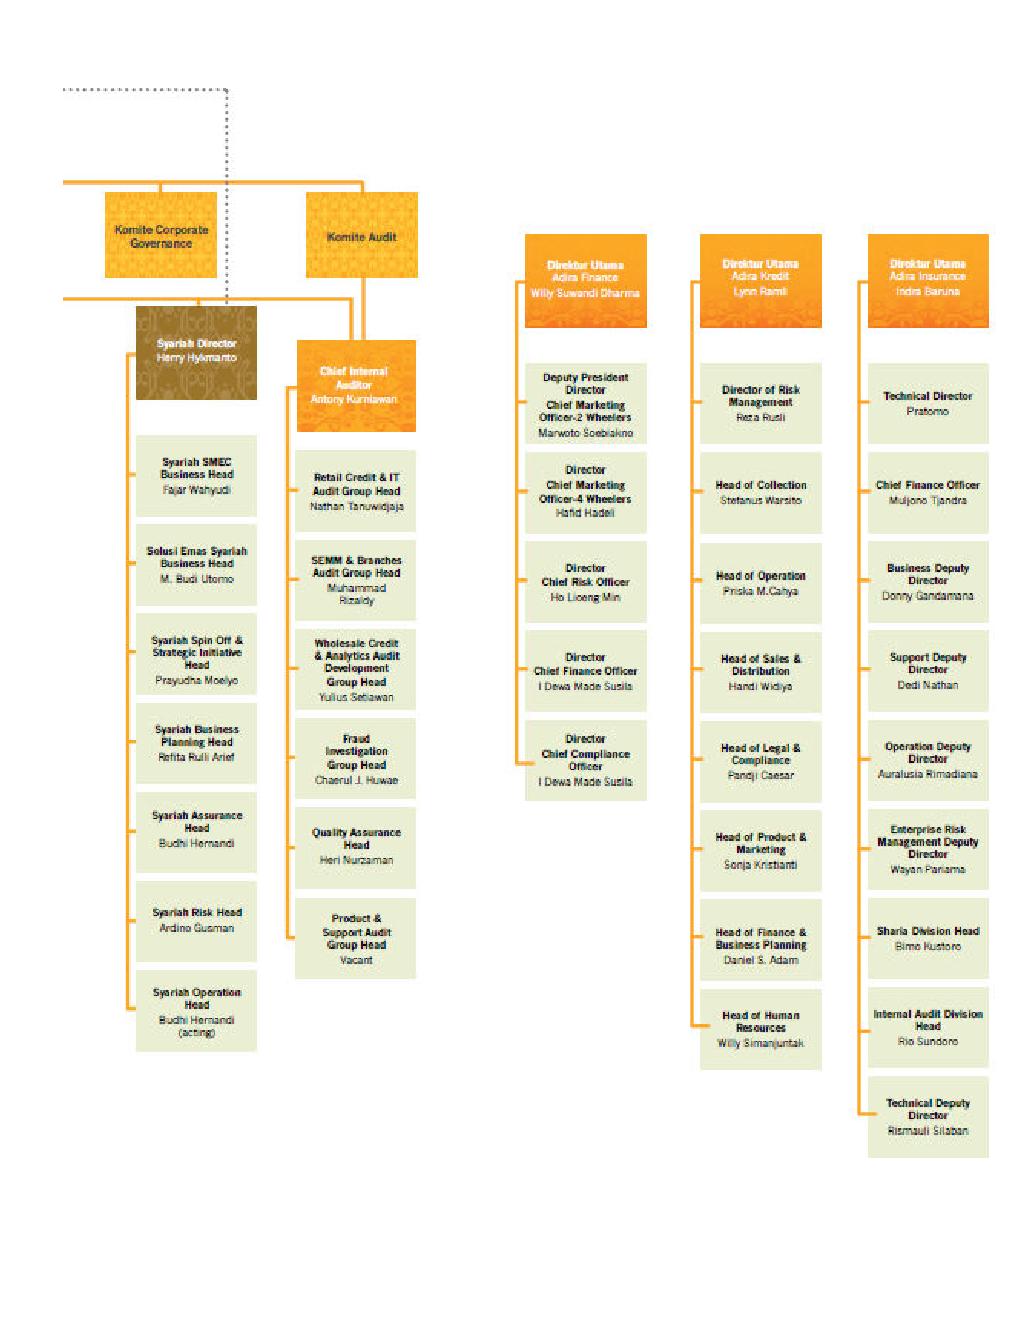 struktur organisasi Bank Danamon